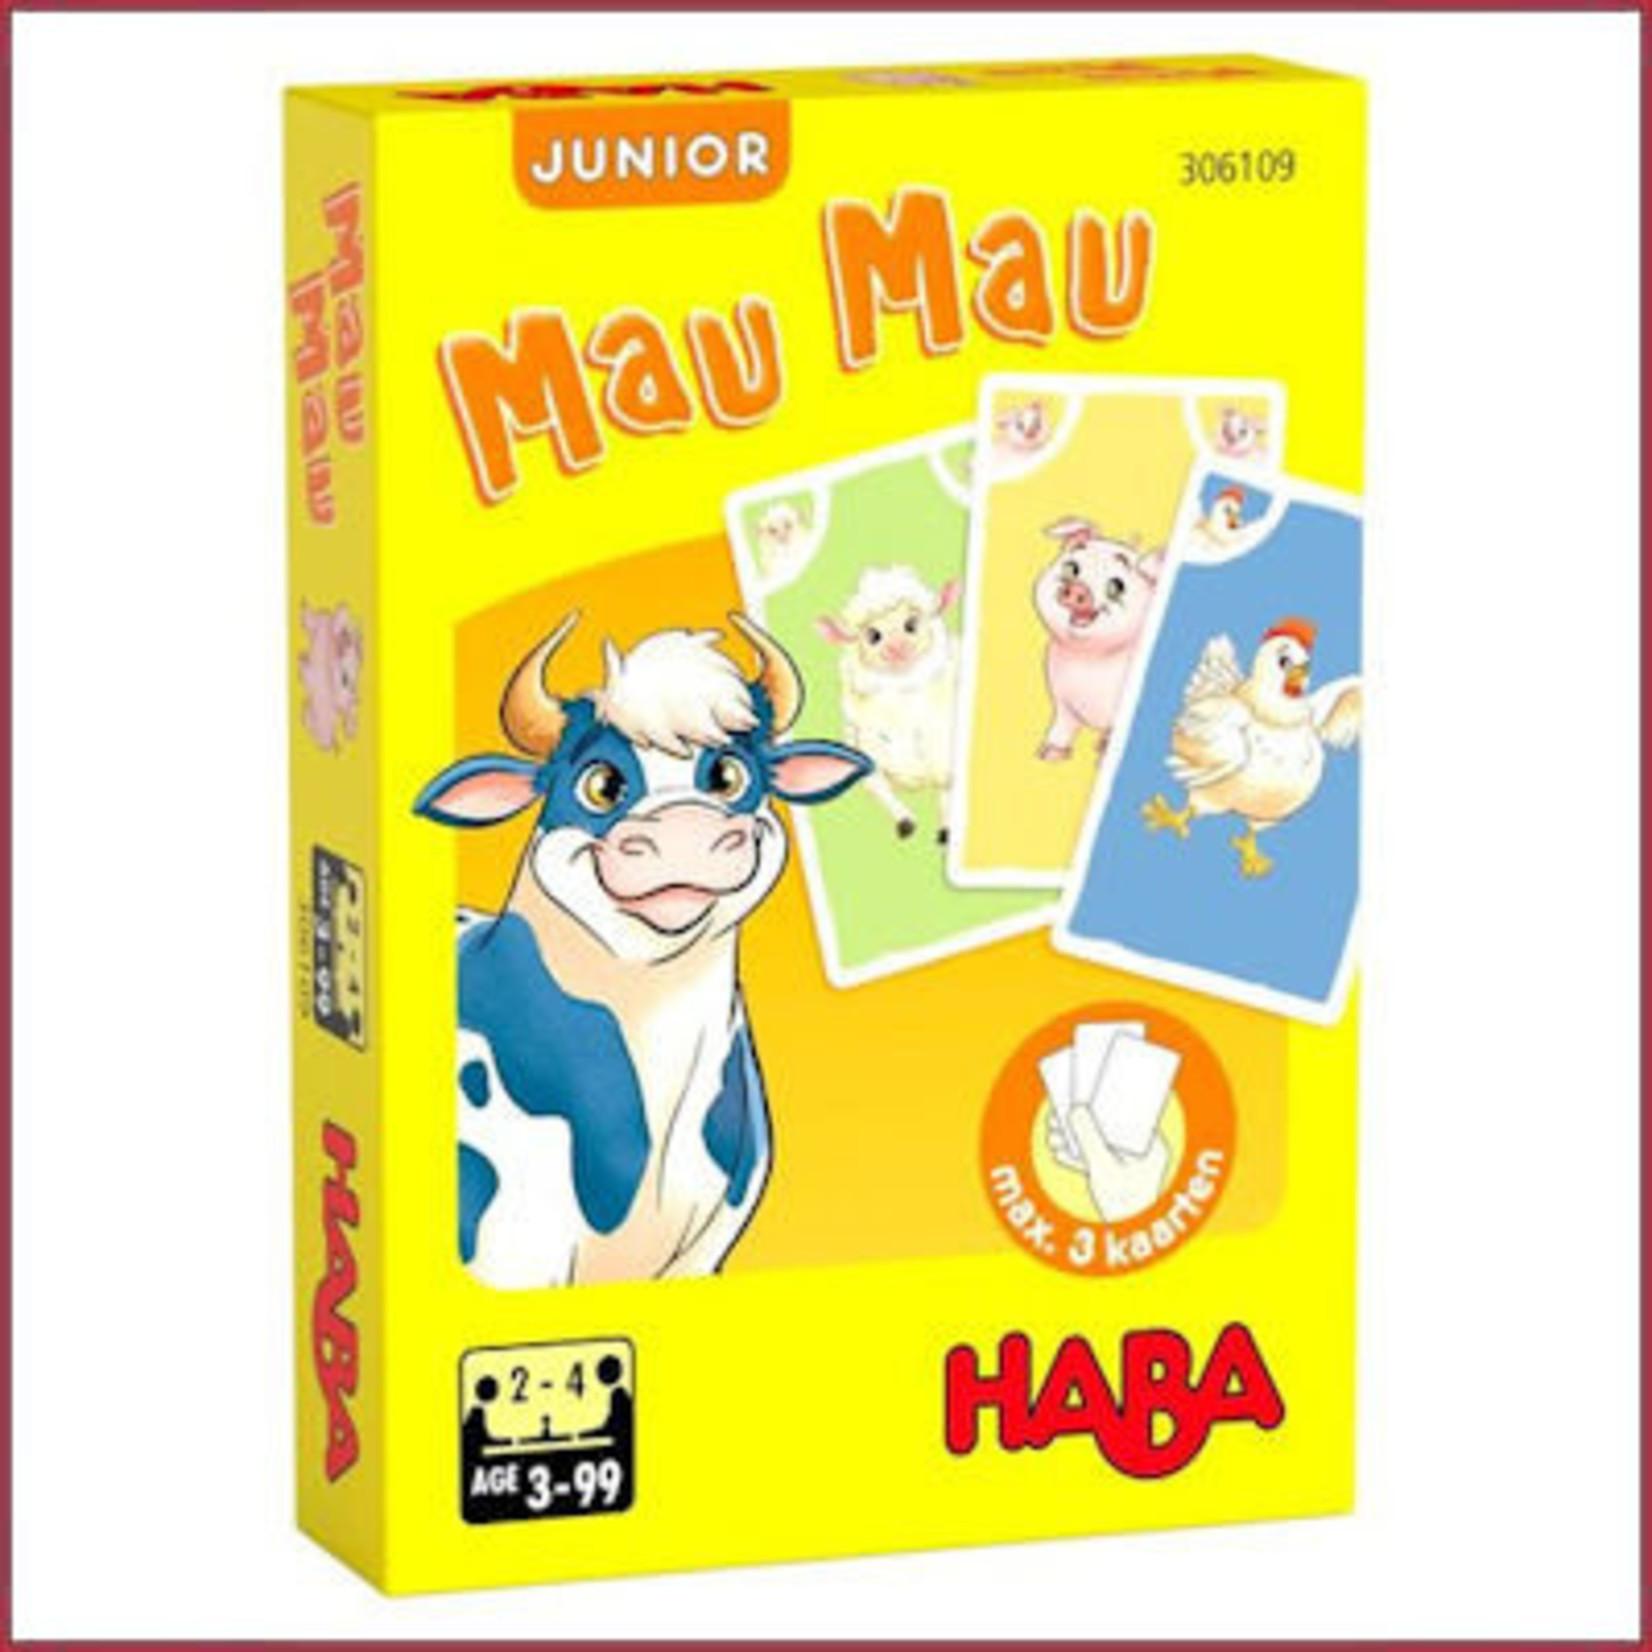 Haba Kaartspel Mau Mau junior - Boerderij